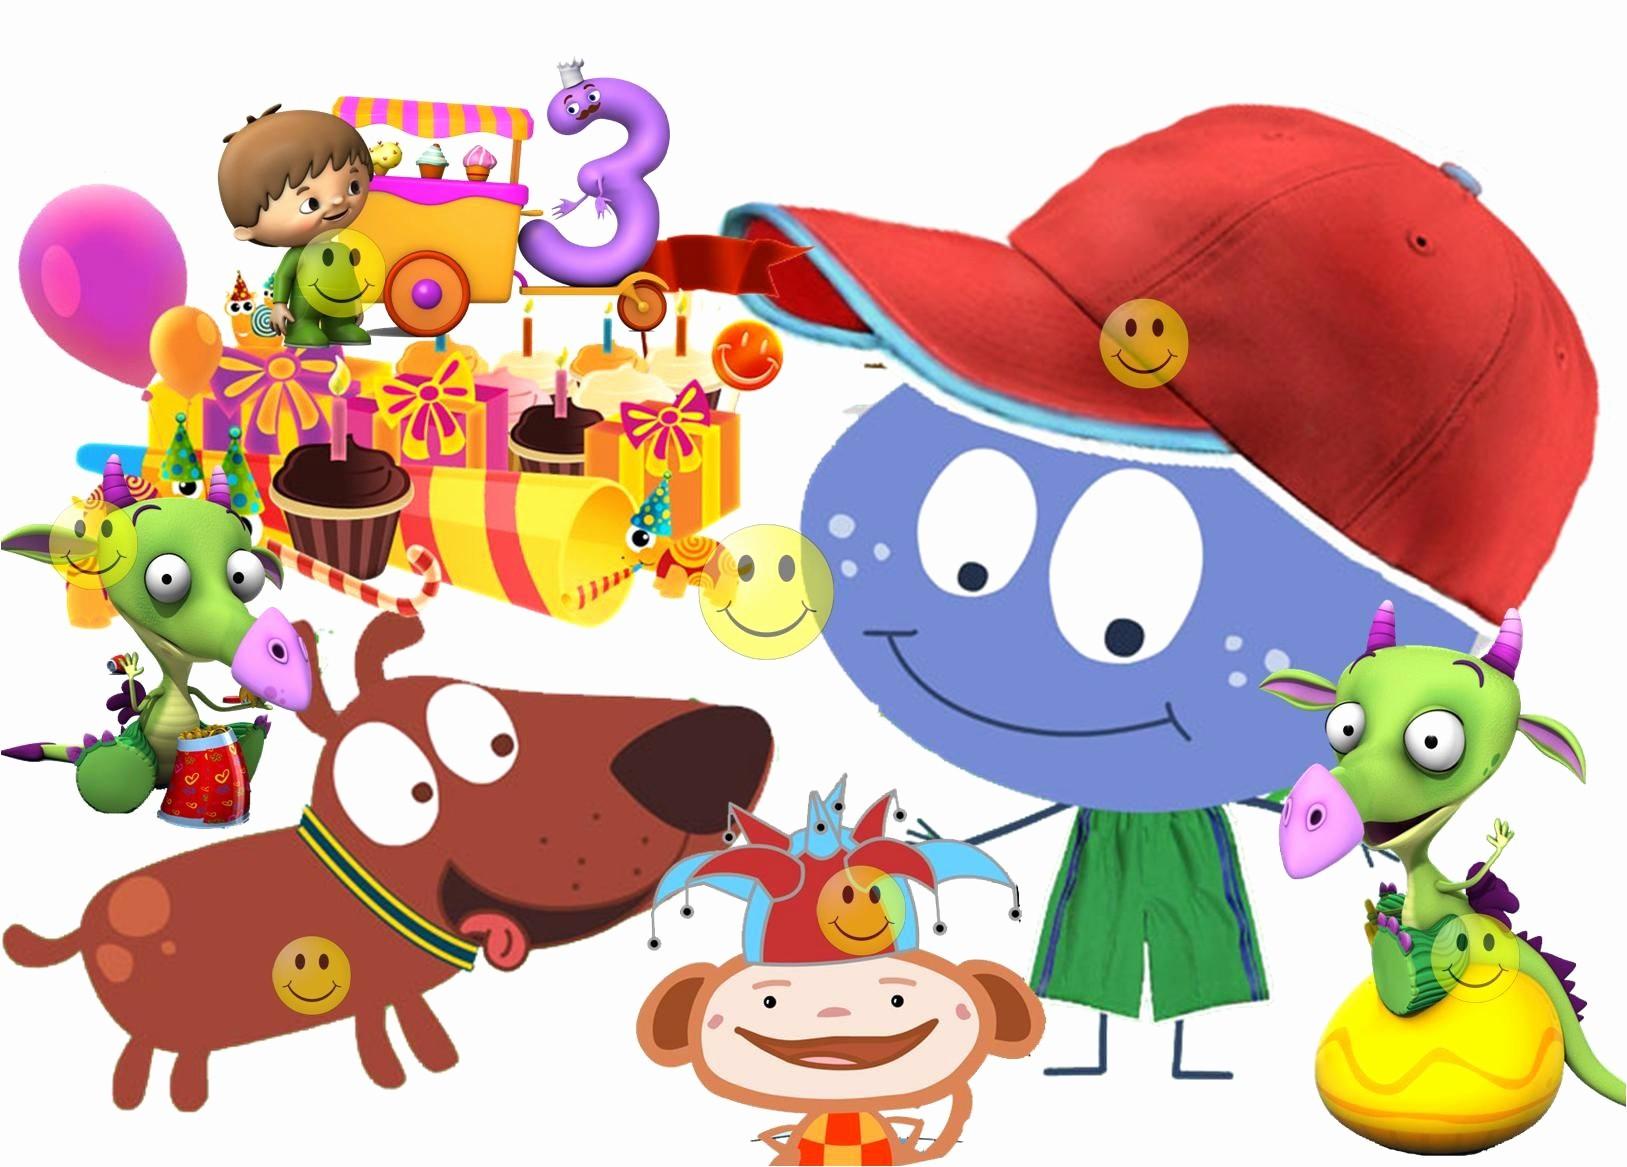 Fondos Para Tarjetas De Cumpleaños Inspirational Tarjetas De Cumpleaños Baby Tv Para Fondo De Pantalla 7 En